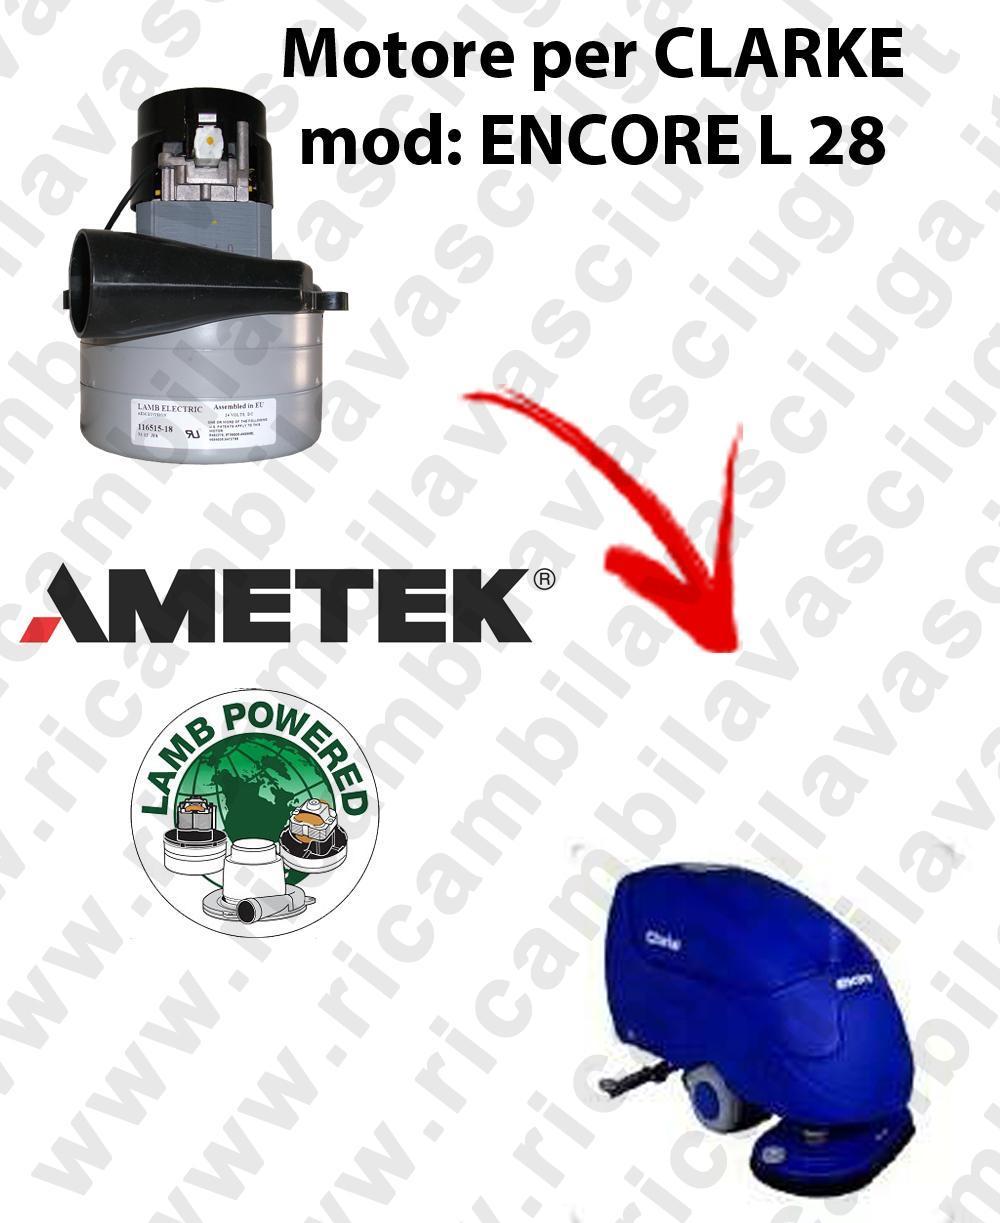 ENCORE L 28  MOTEUR ASPIRATION LAMB AMETEK pour autolaveuses CLARKE